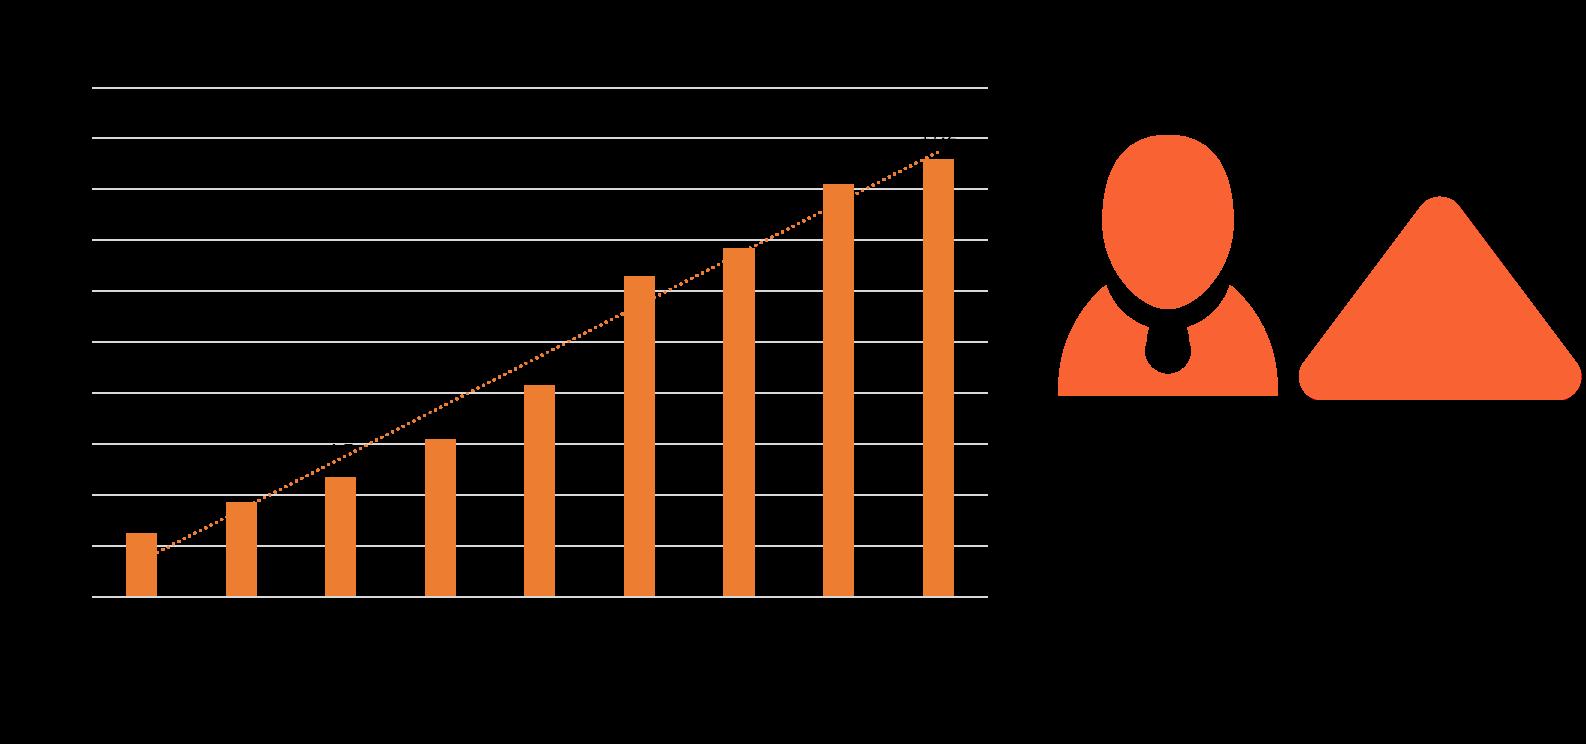 2010-2018中国观影人次